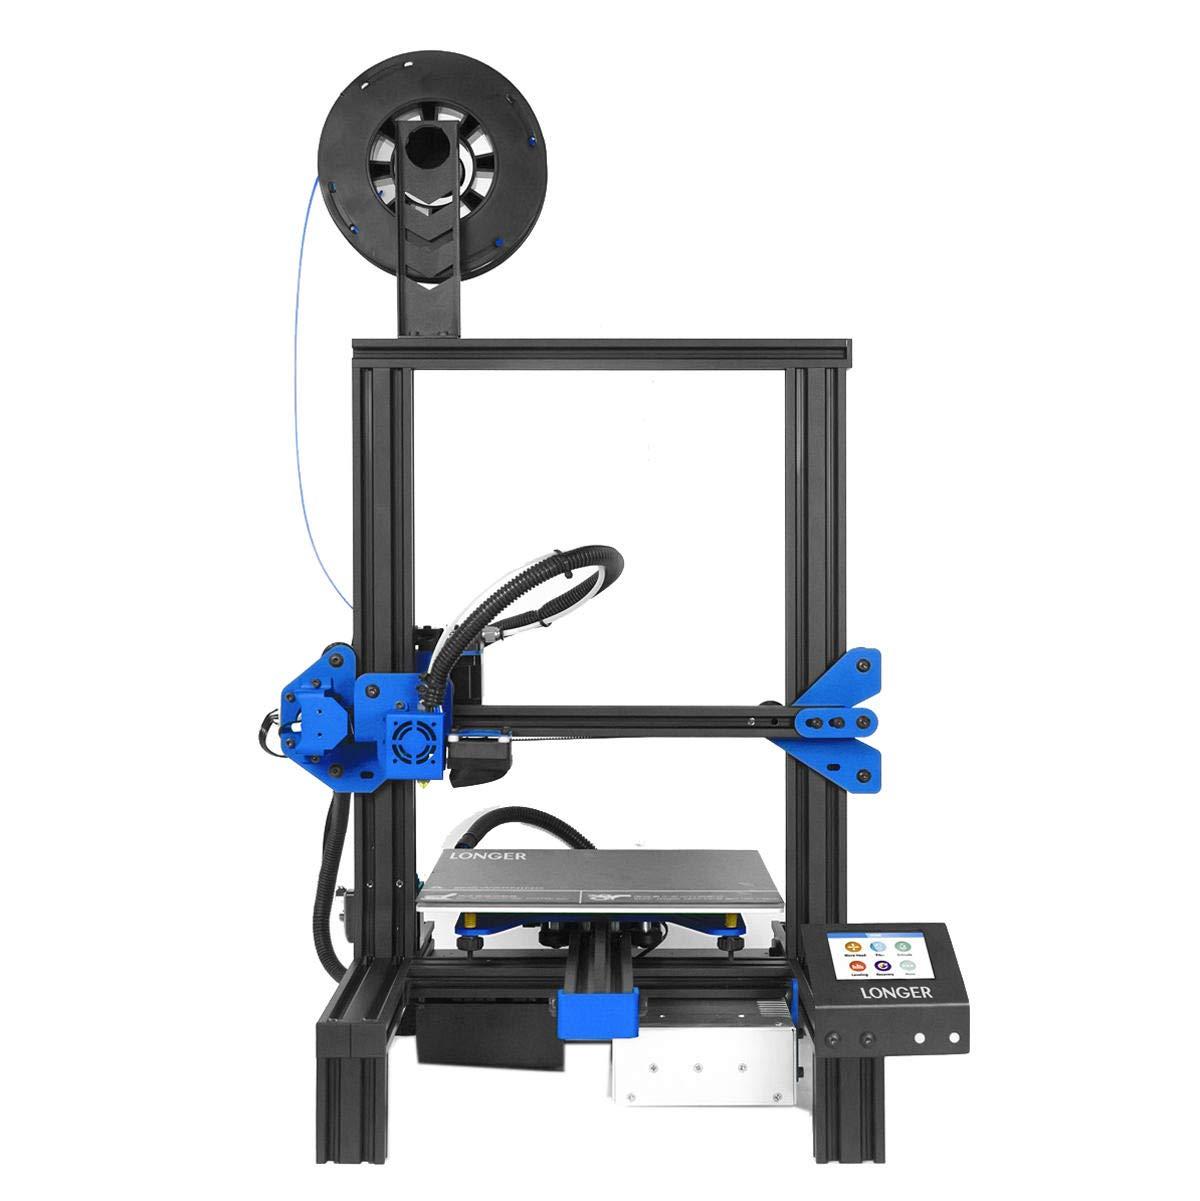 LK2 Longer 3D Imprimante DIY Kit de Mise à Niveau Automatique avec écran Tactile 2.8 Pouces/Taille d'impression 220 * 220 * 250mm